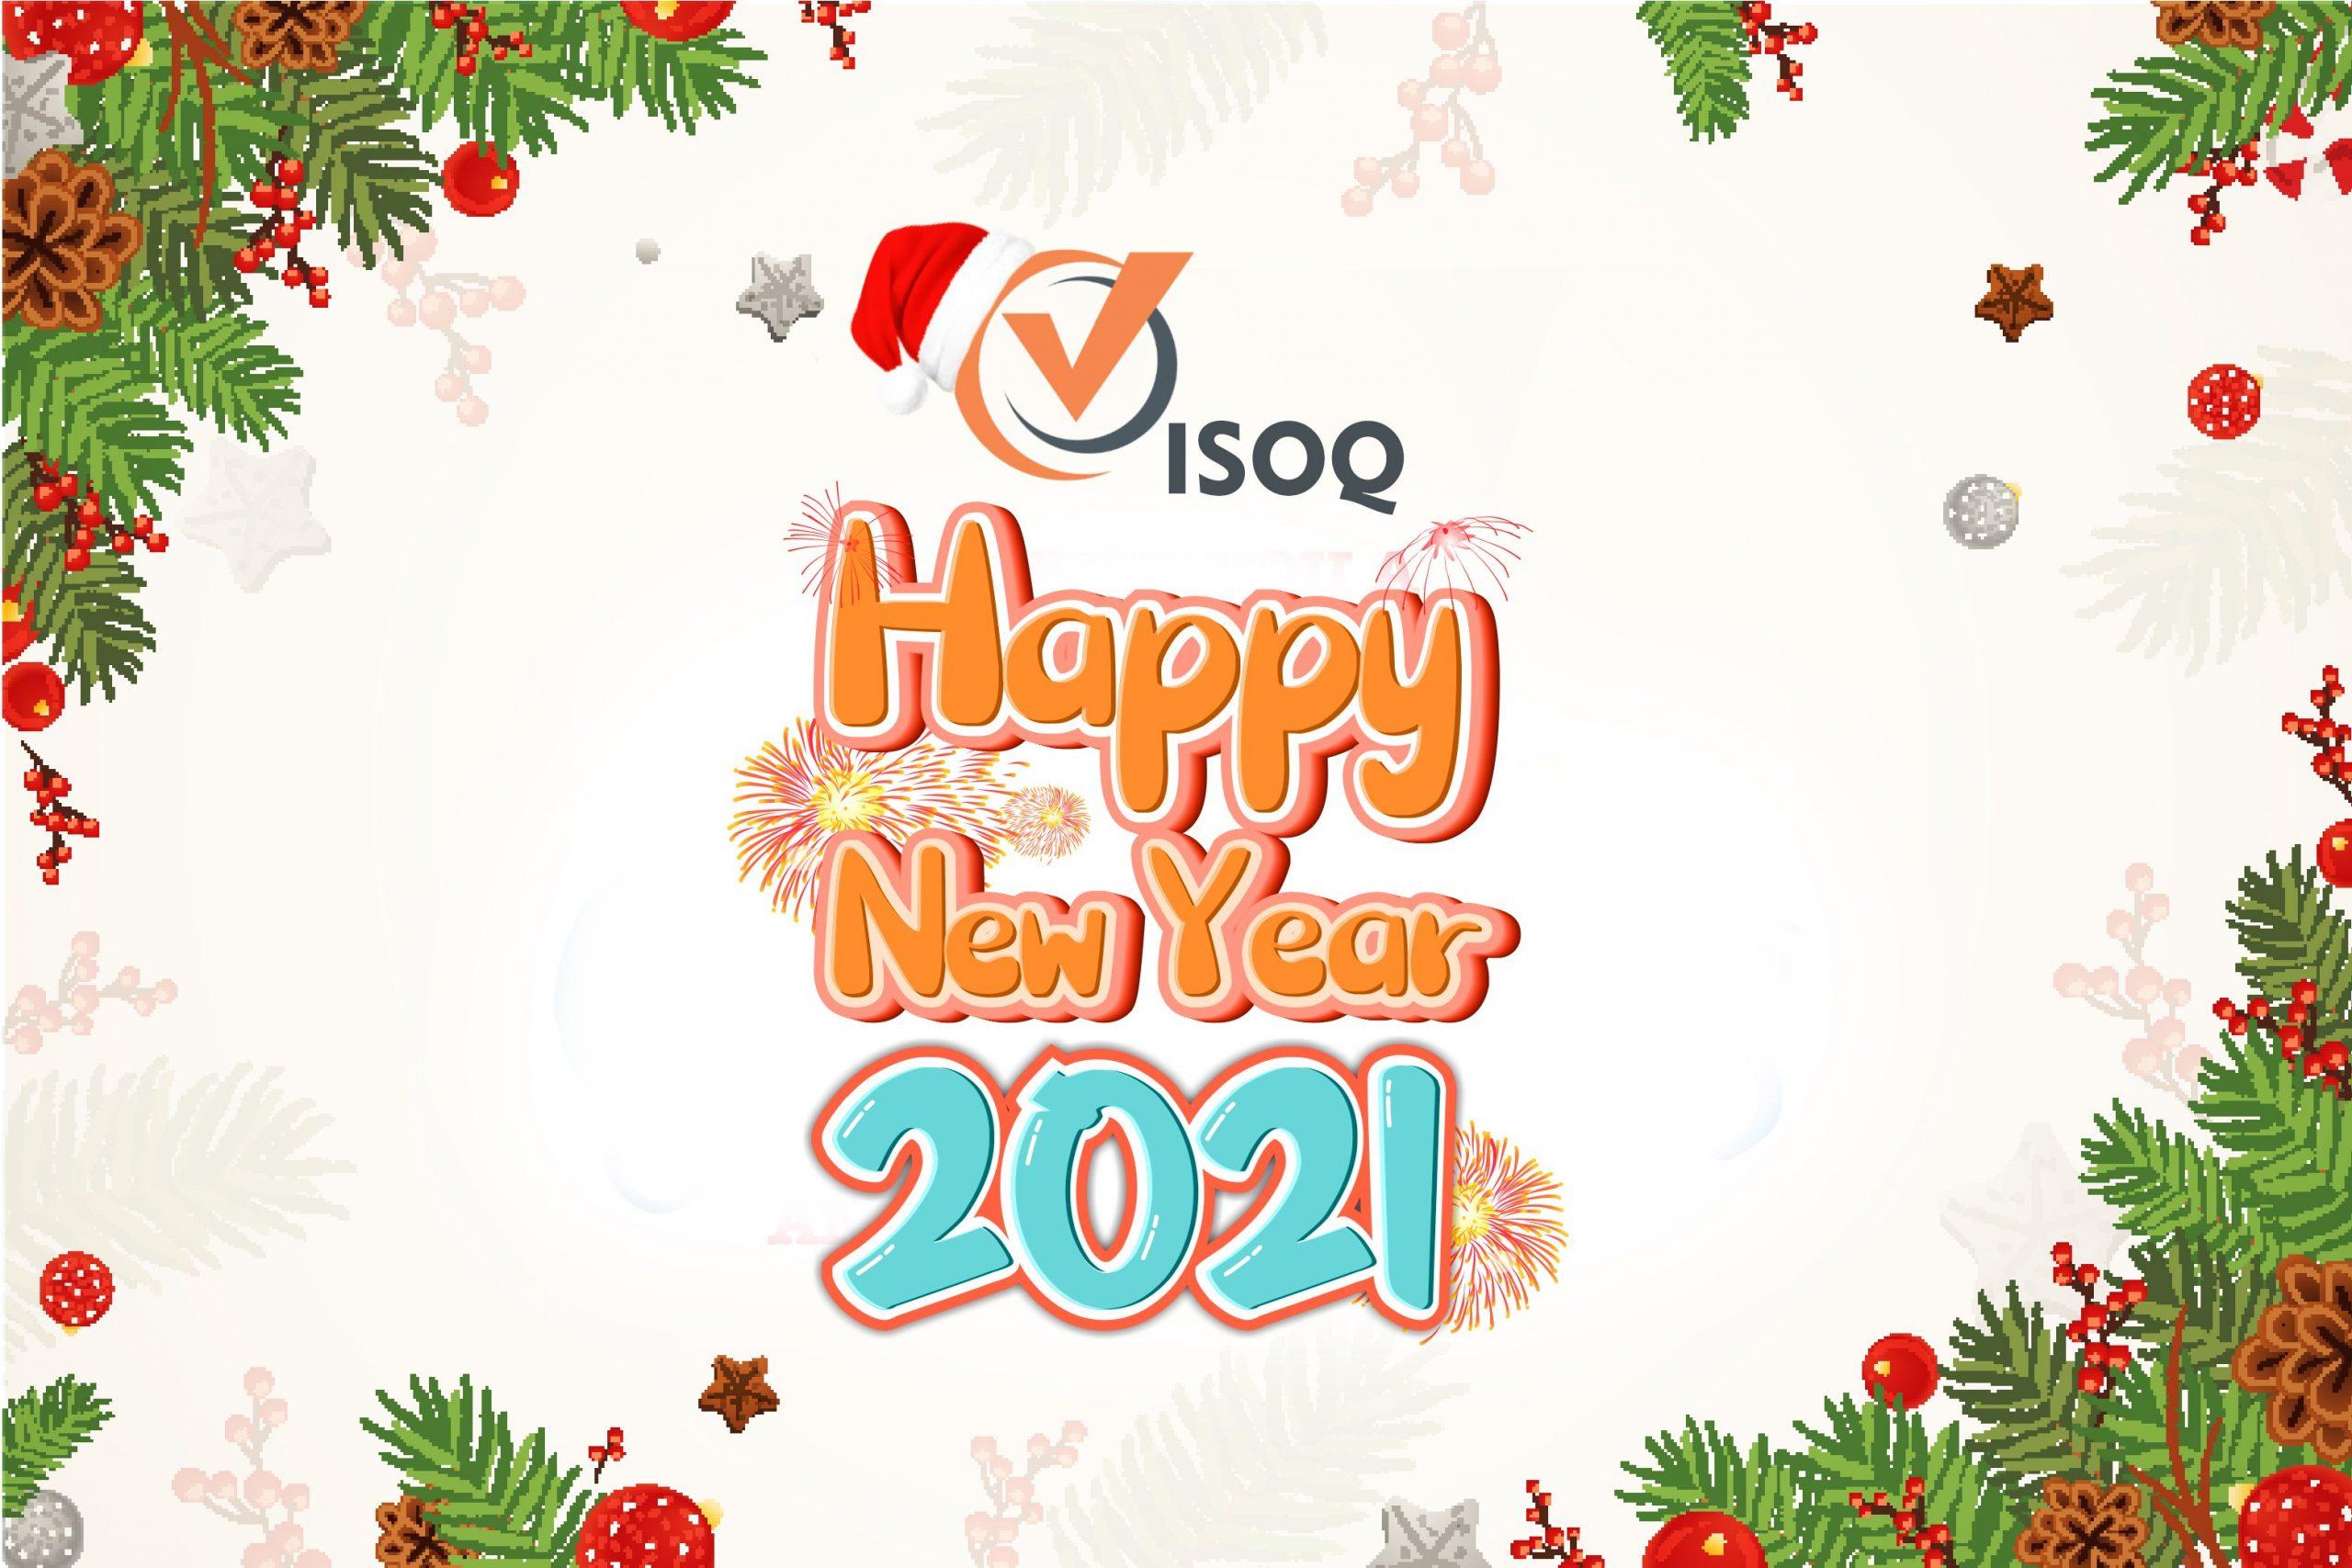 ISOQ Việt Nam Chúc mừng năm mới 2021